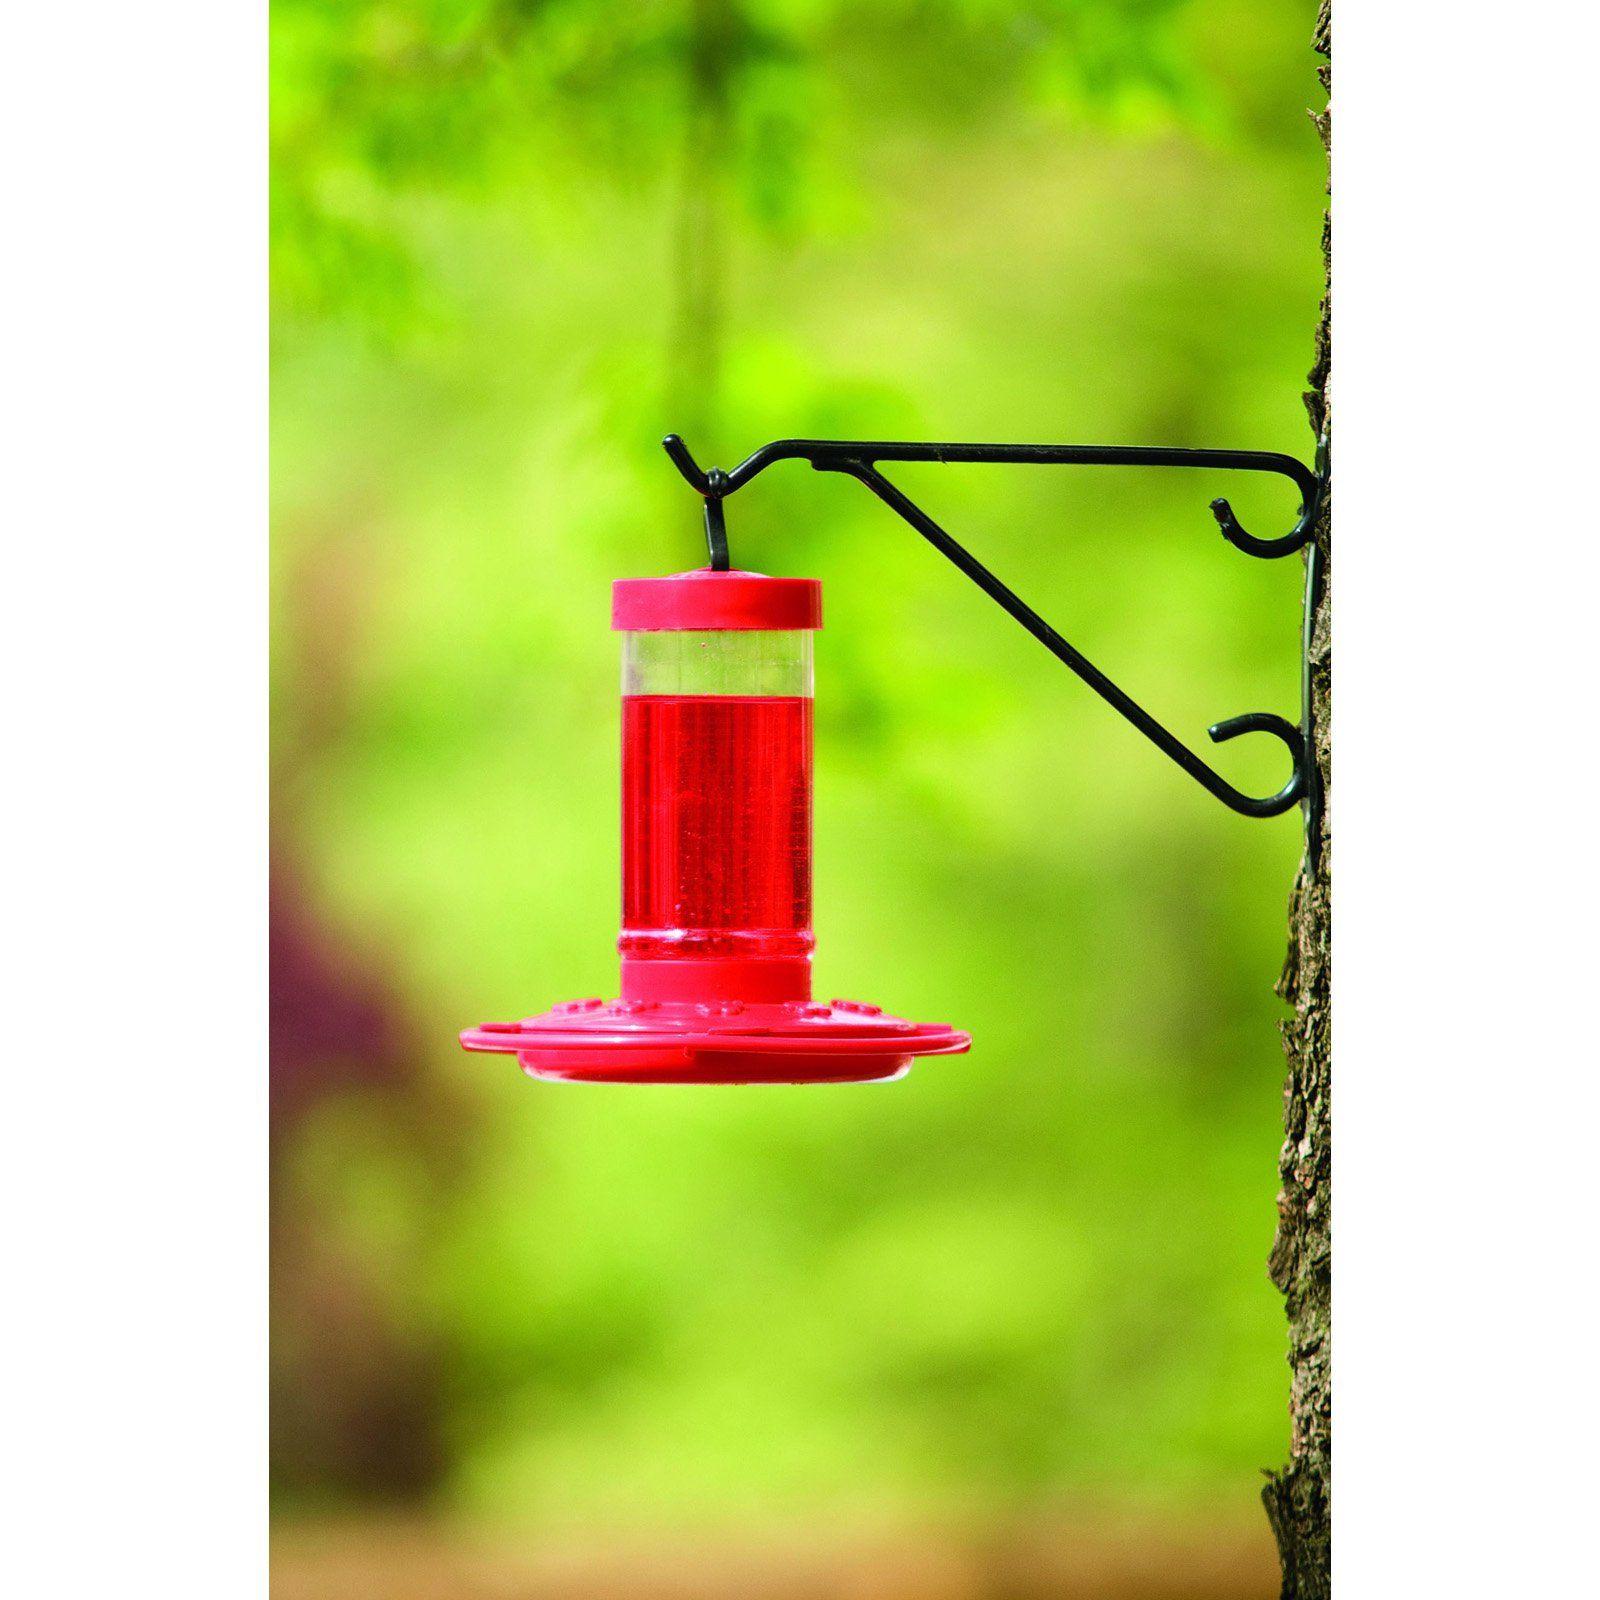 Patio & Garden in 2020 Humming bird feeders, Glass